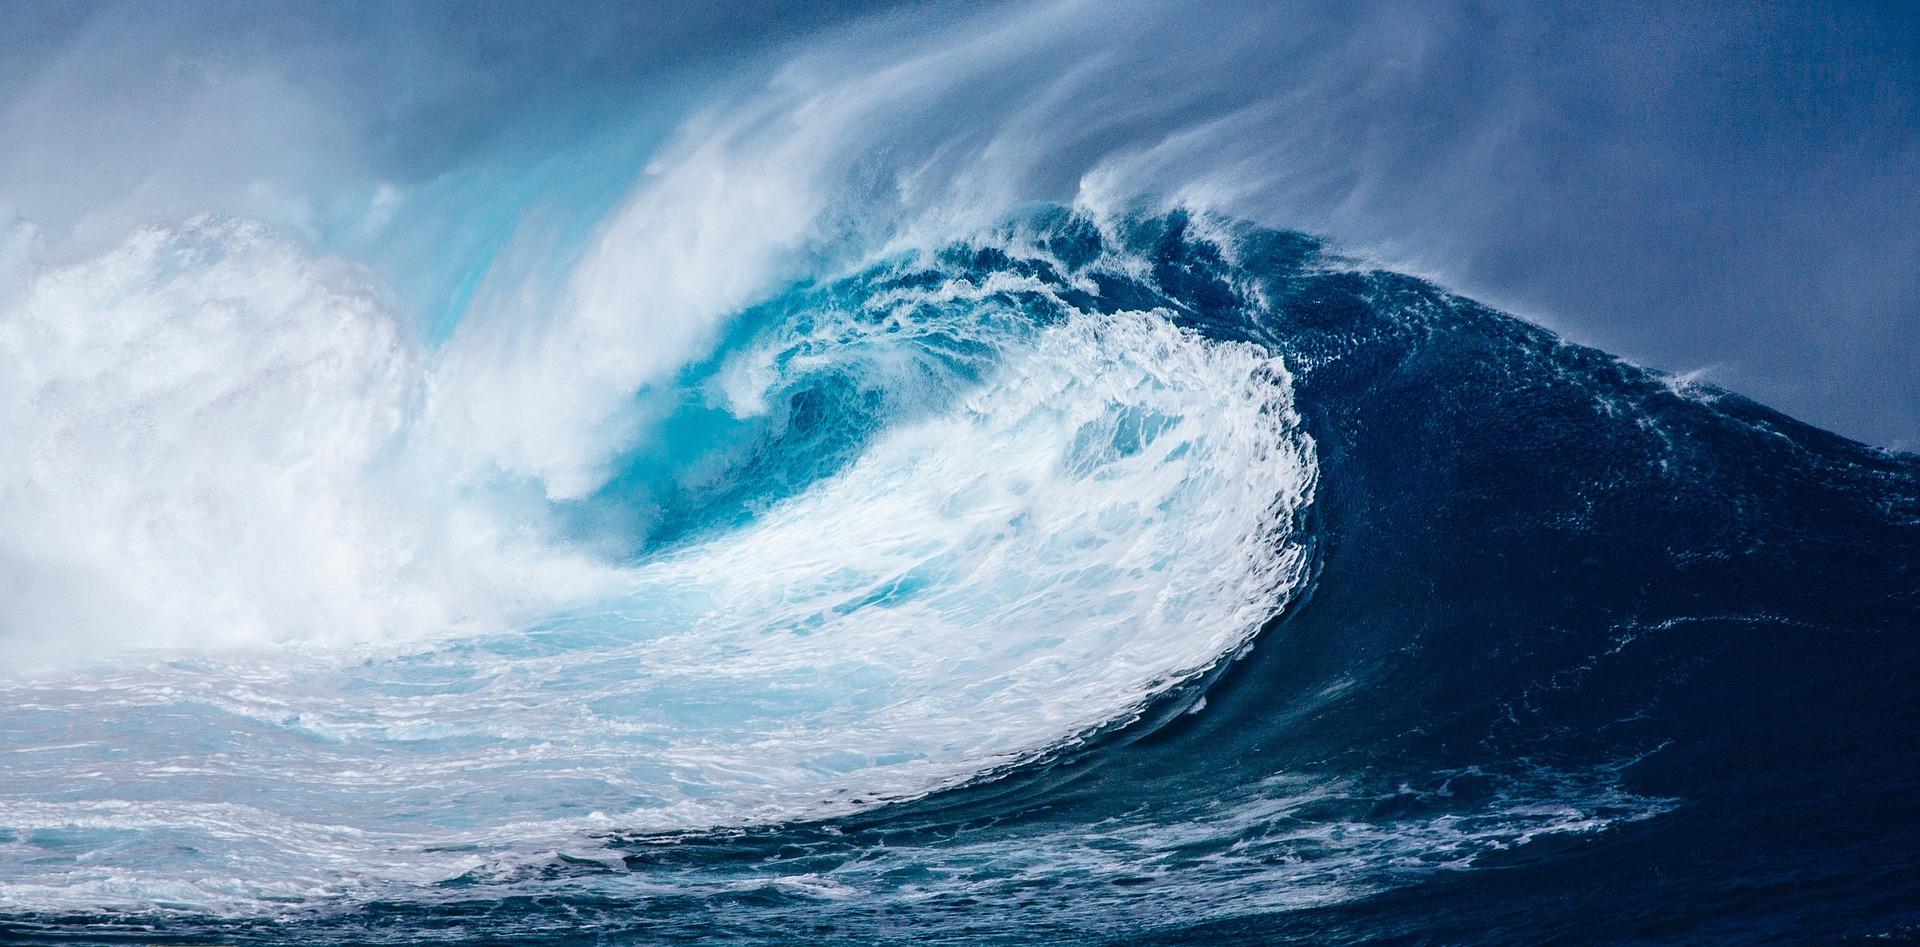 風と波の規模と威力 | 船学(ふね...